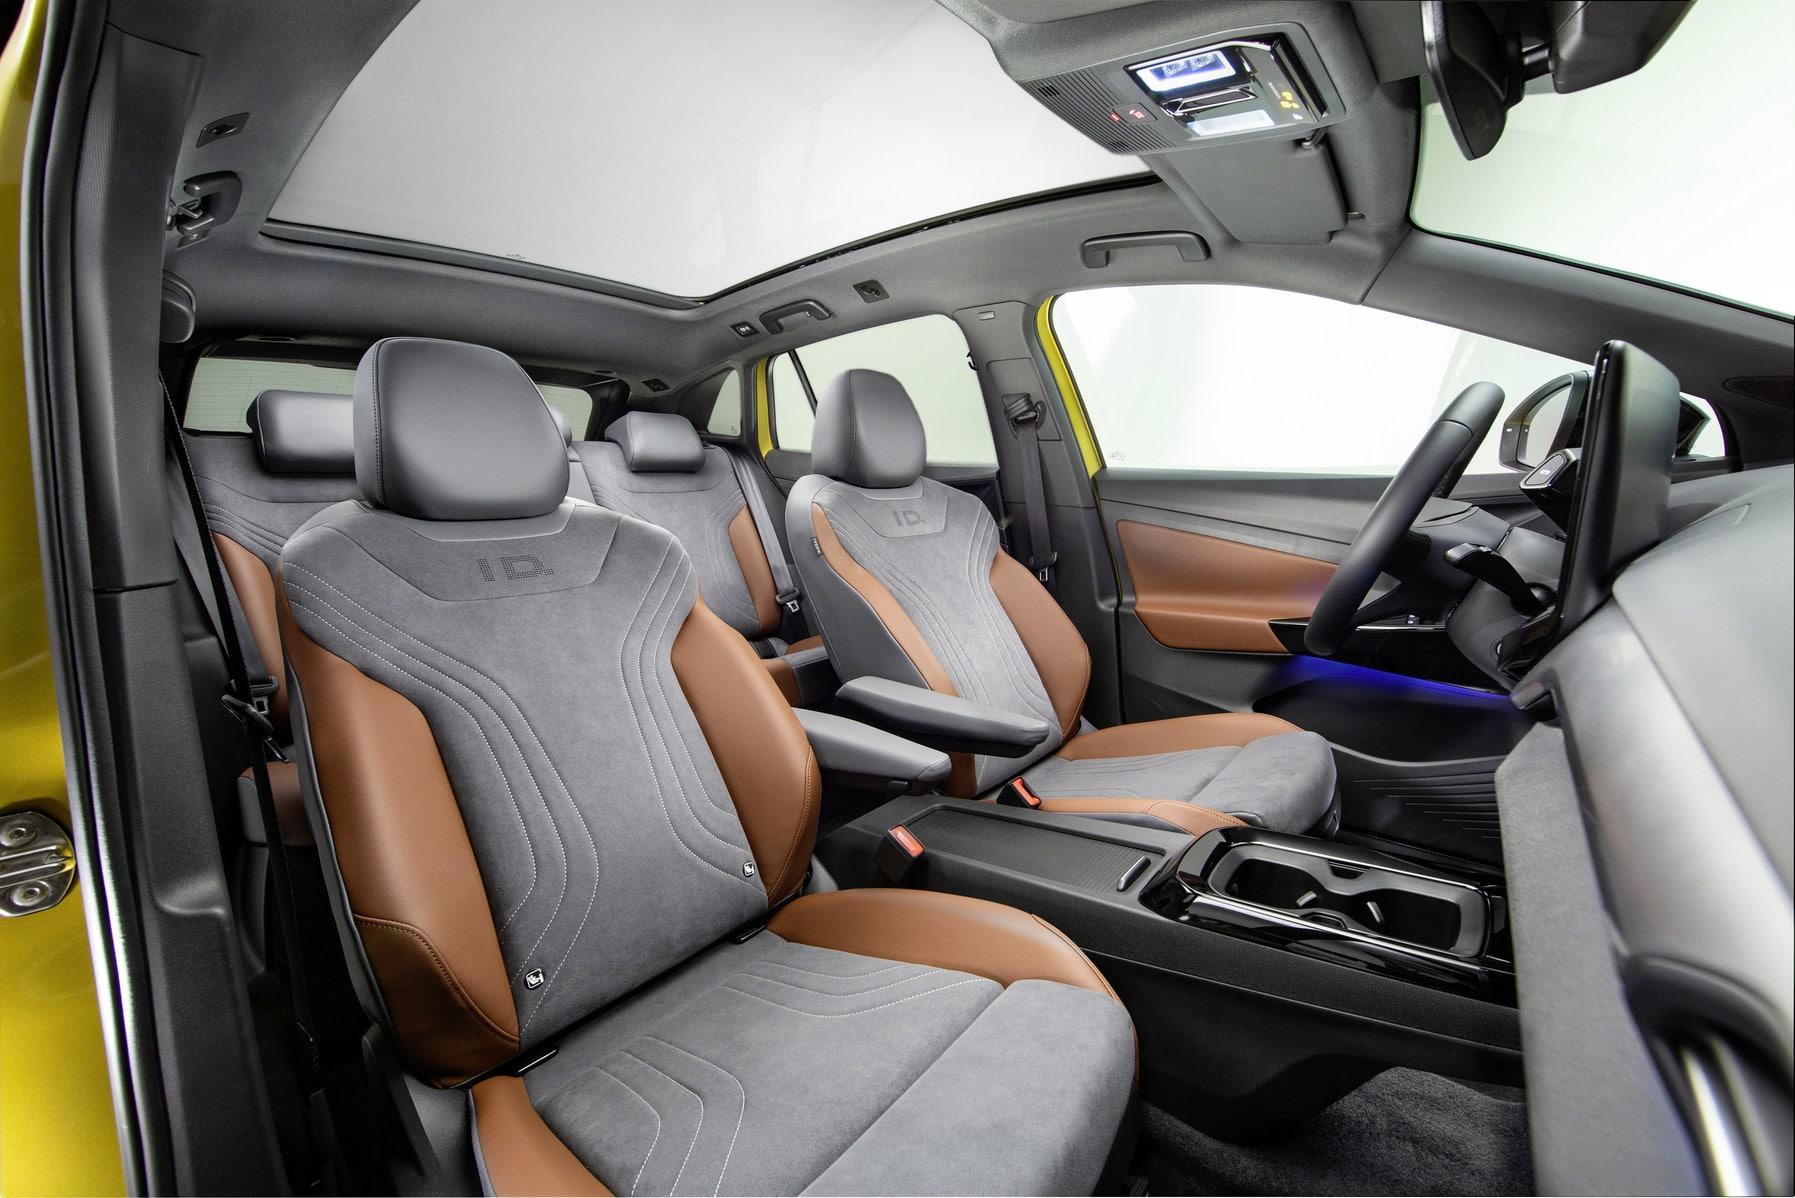 Interior Design of The New Volkswagen ID.4